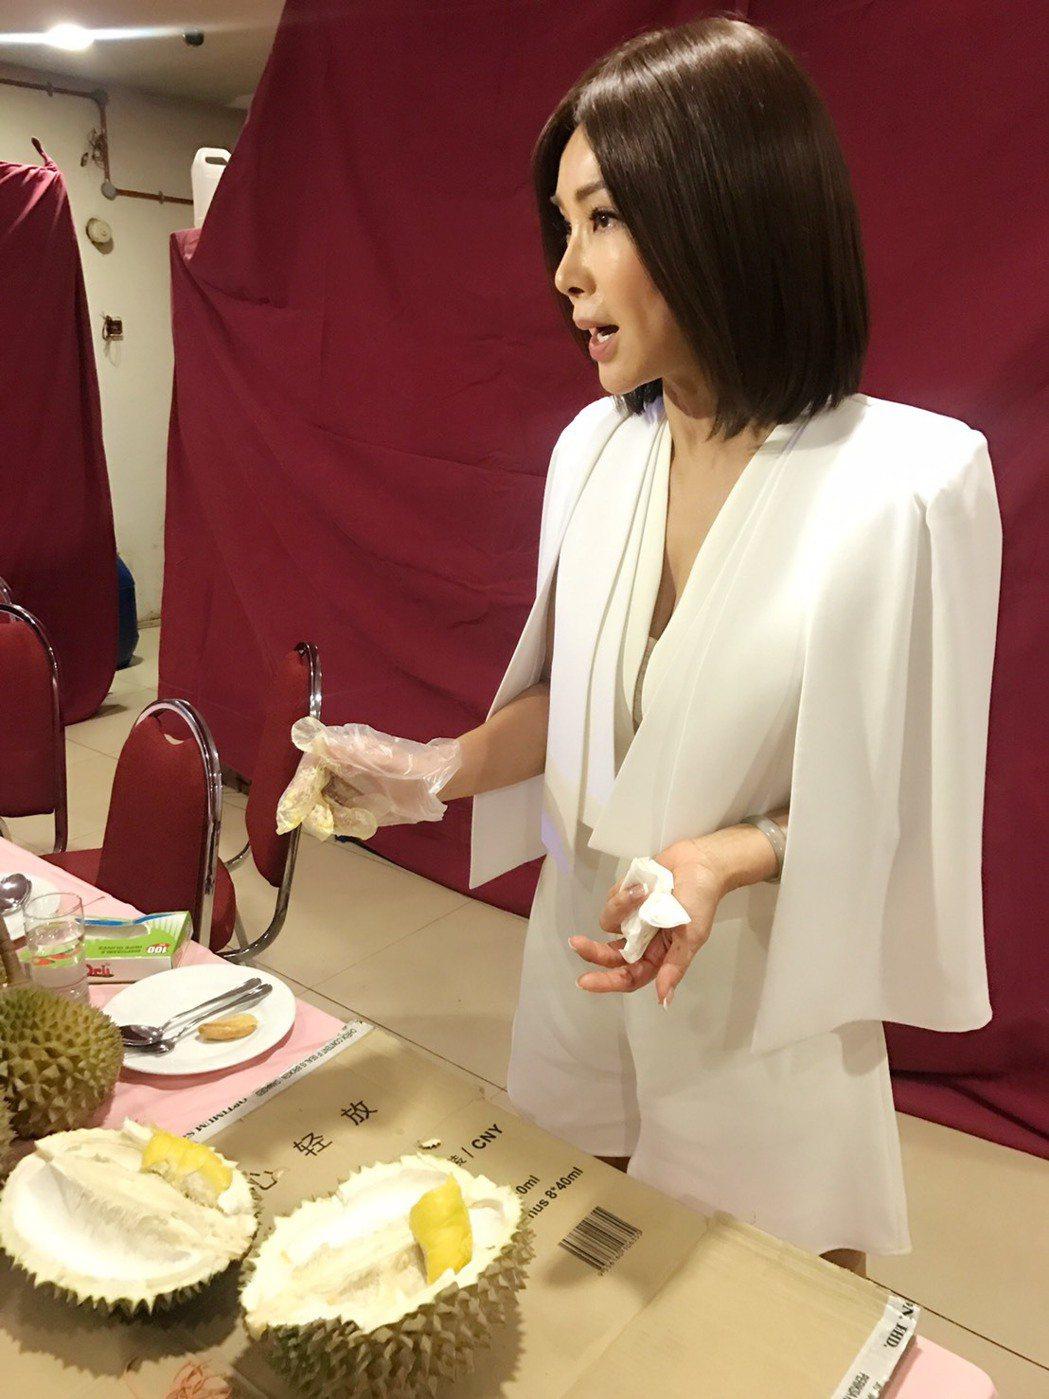 陳美鳳收到友人送的榴槤,開心得不得了。圖/民視提供